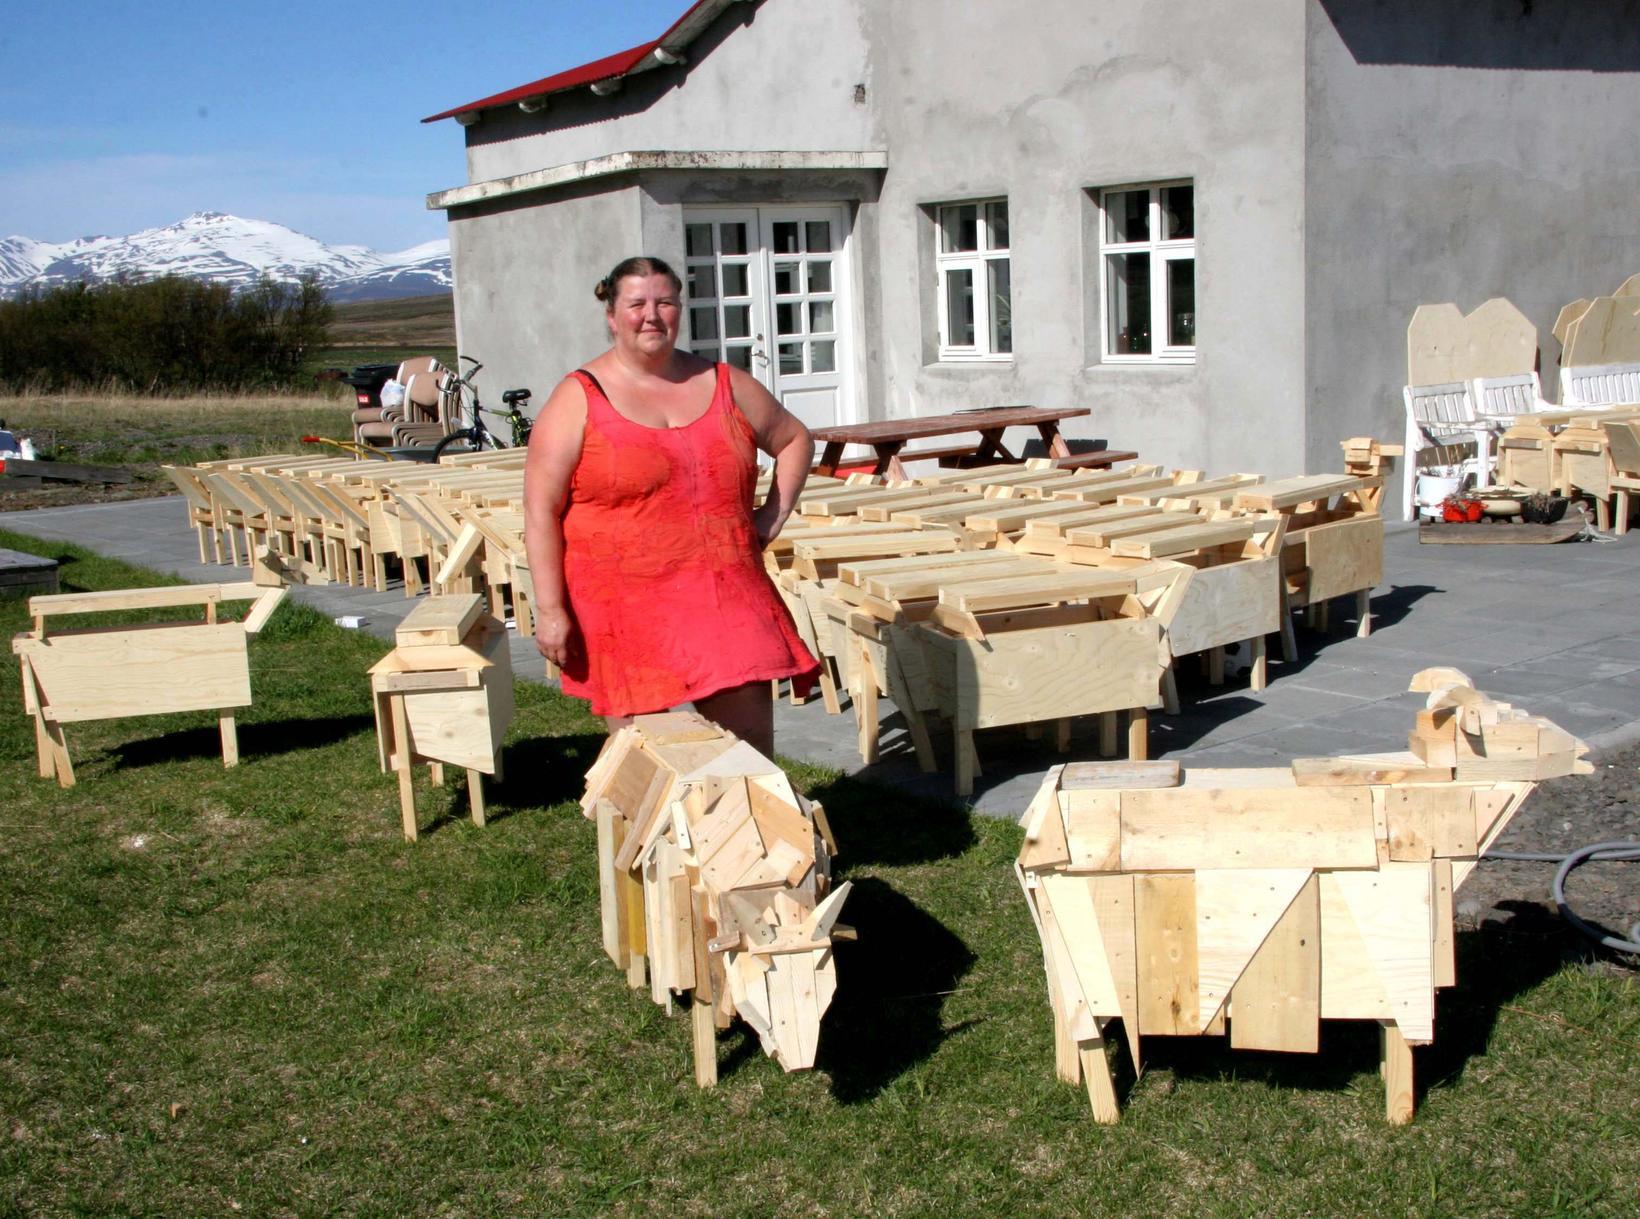 Aðalheiður S. Eysteinsdóttir ásamt listaverkum sínum.